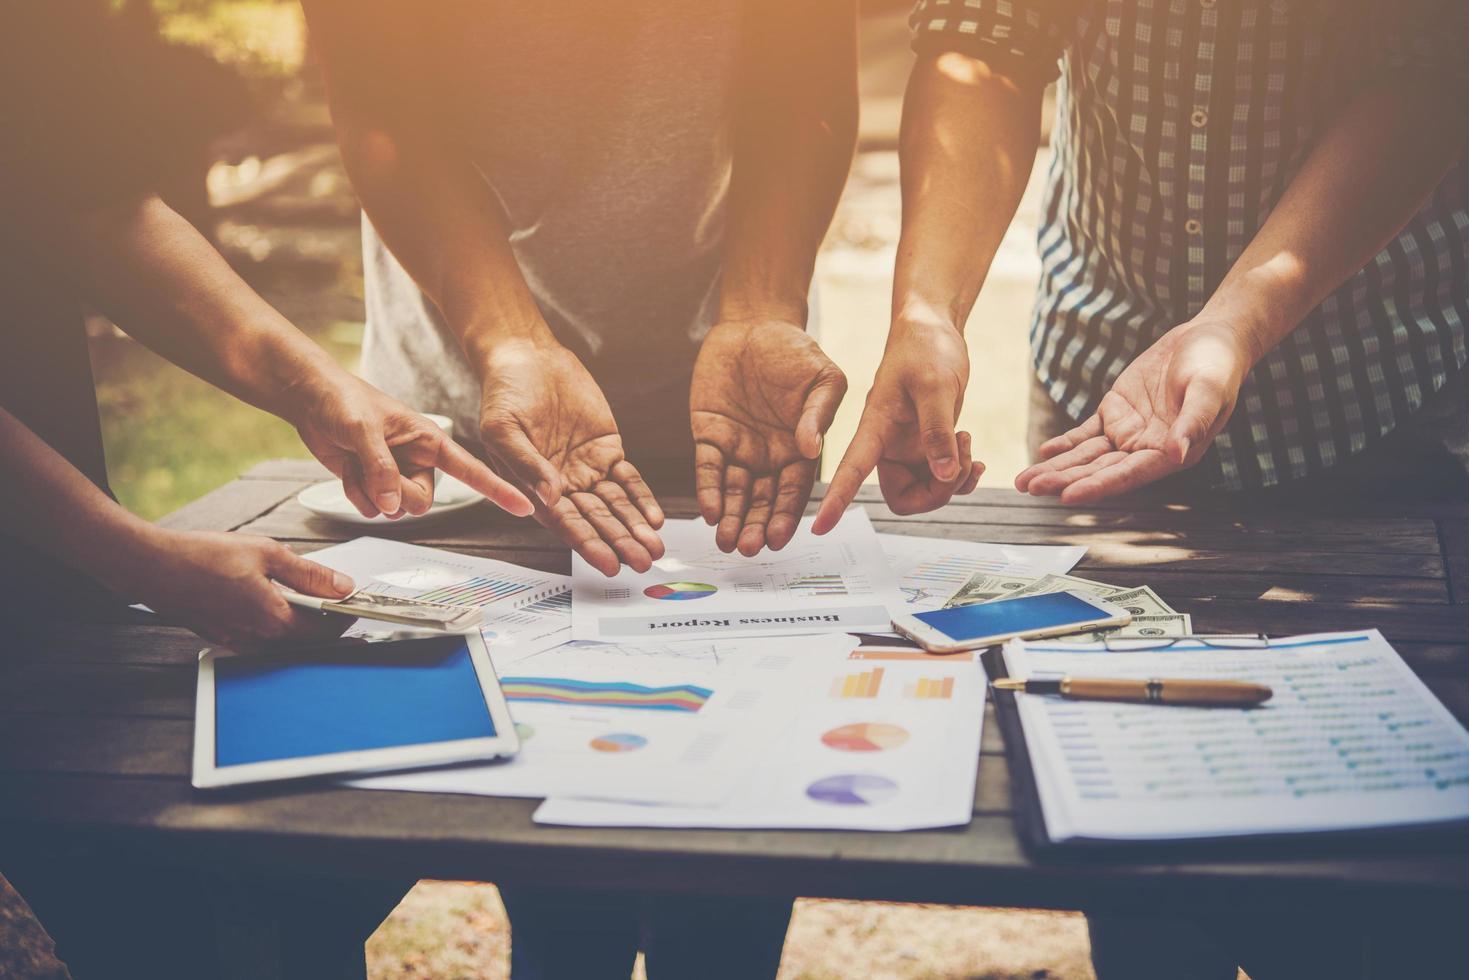 Gruppe von Geschäftsleuten Analyse mit Marketingbericht Grafik, diskutieren junge Spezialisten Geschäftsideen für neue digitale Start-up-Projekt. foto